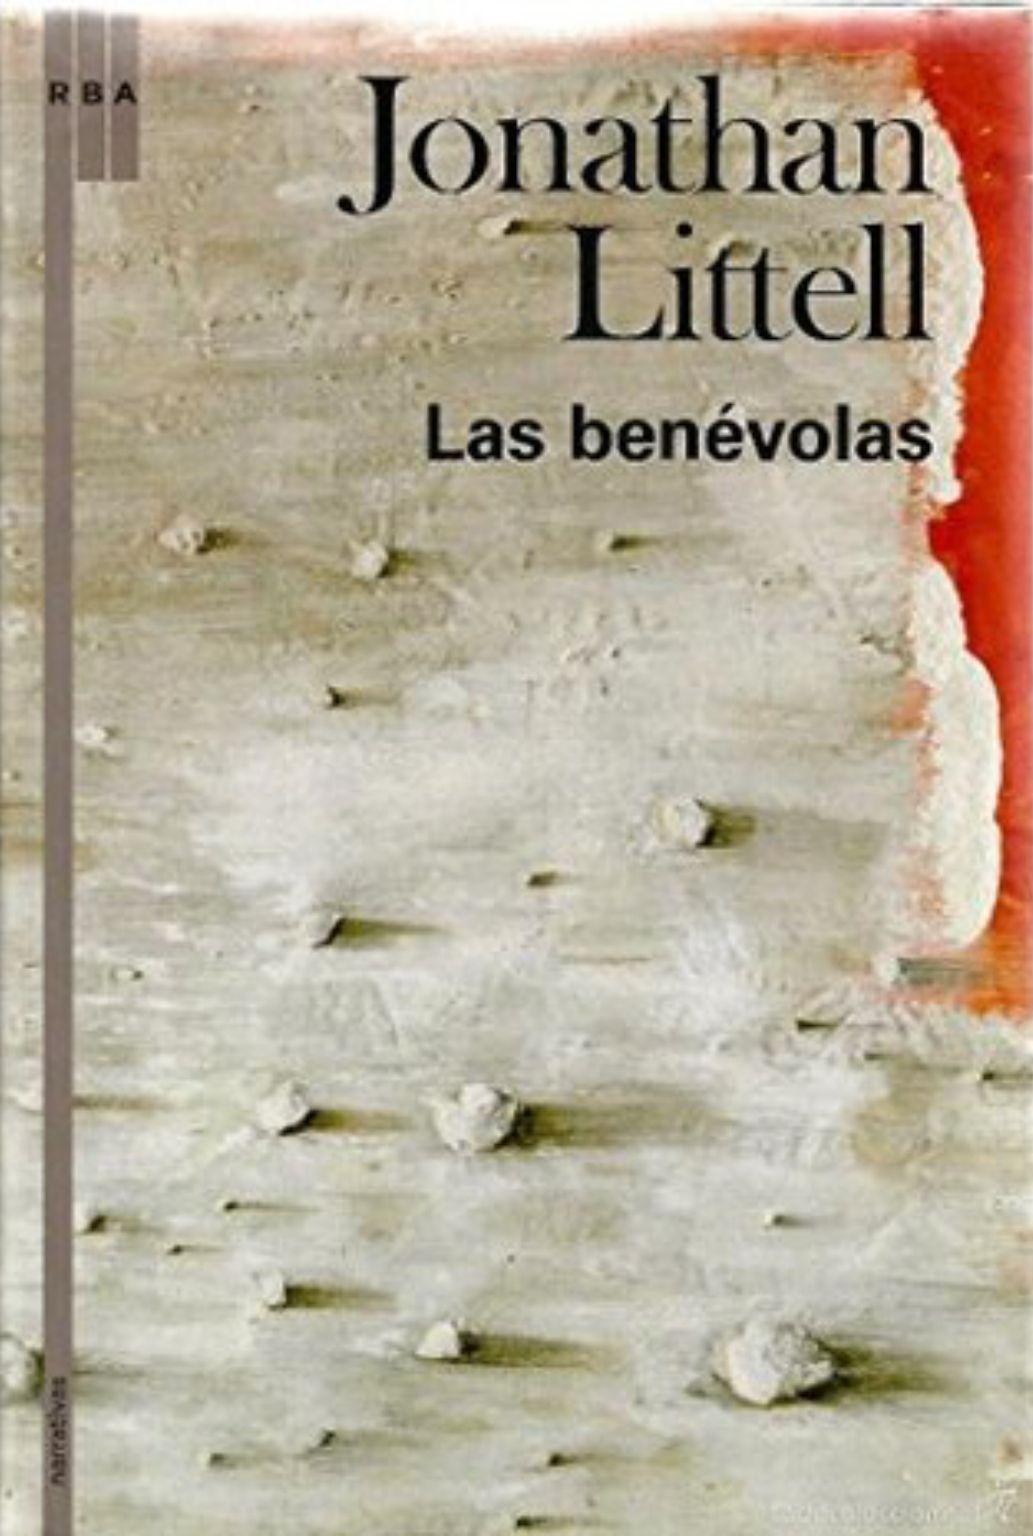 Libros, Literatura, Historiografía